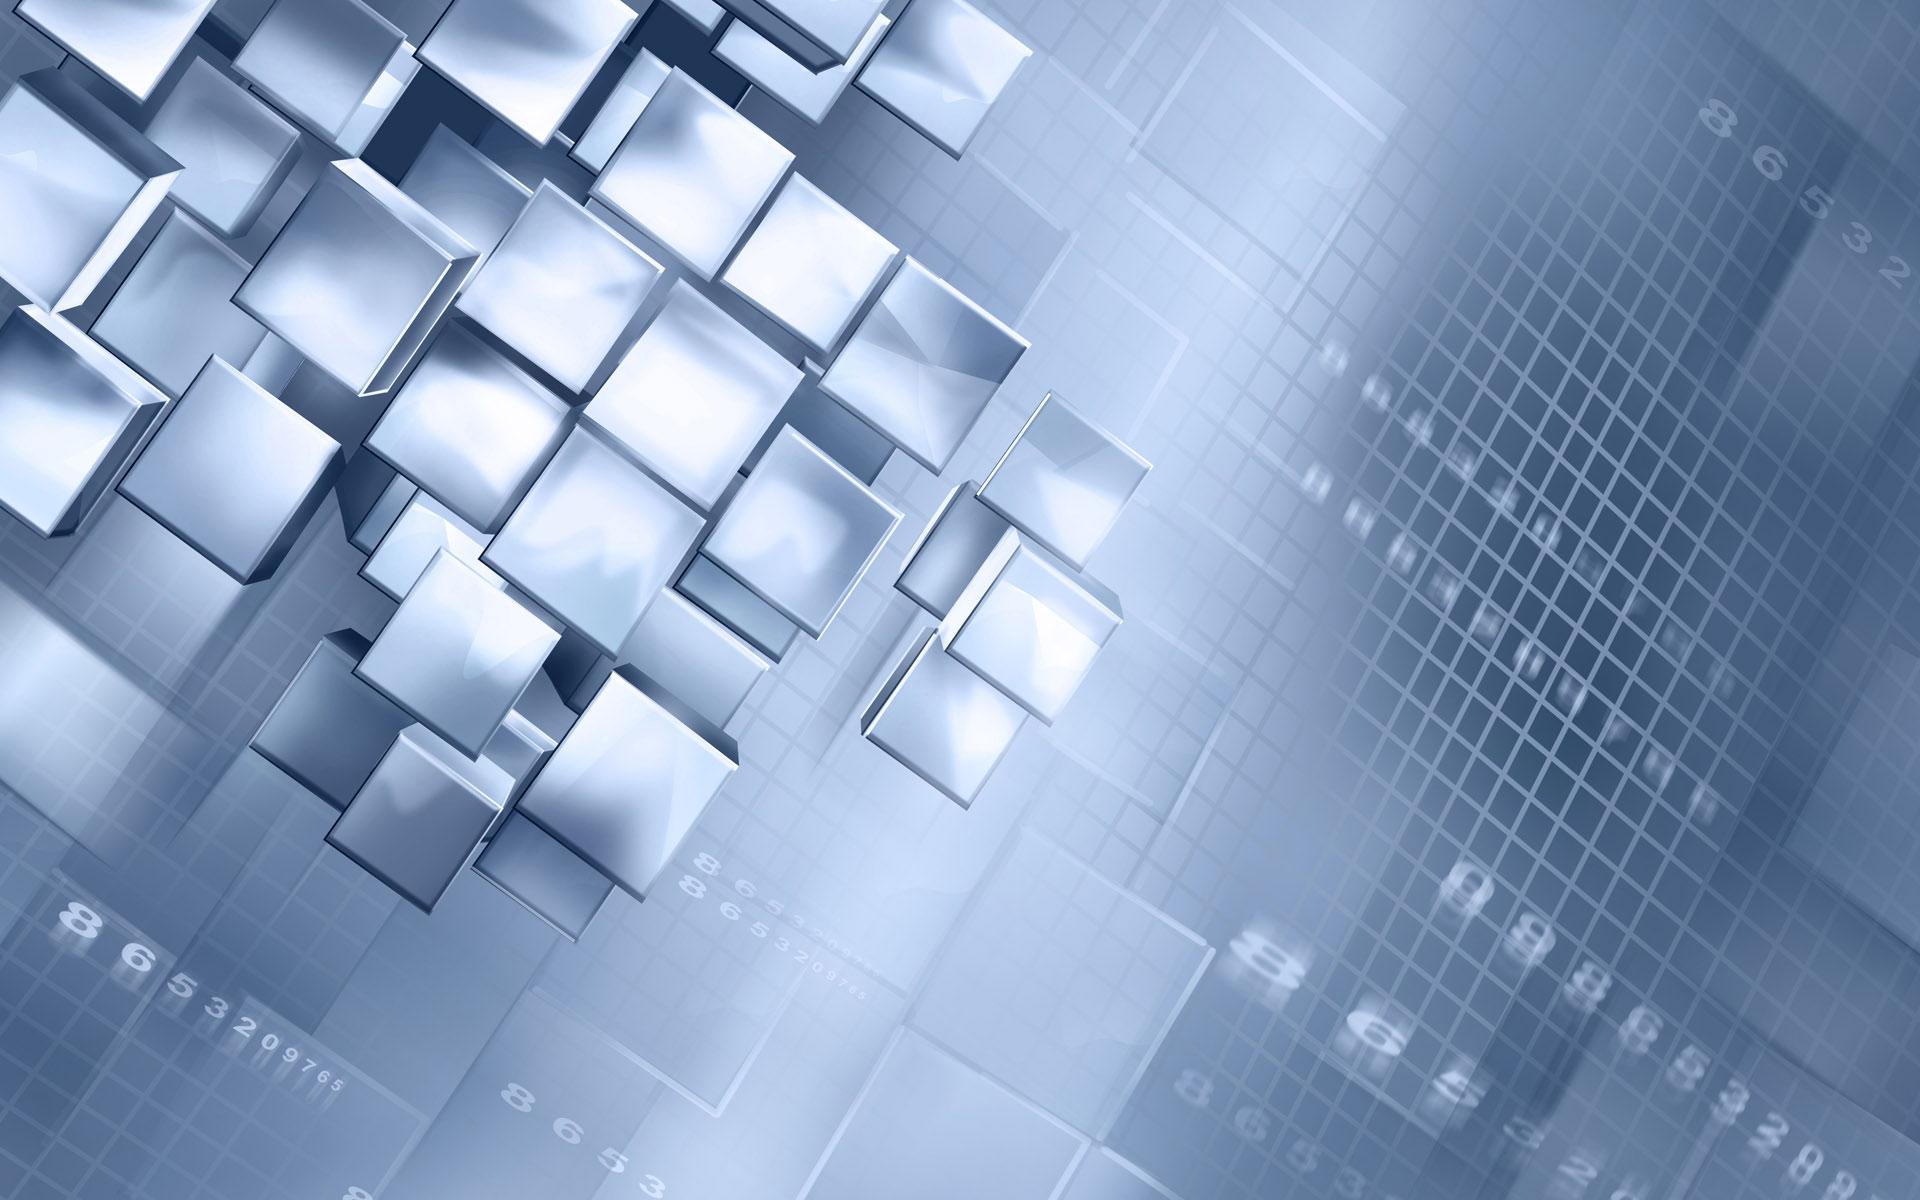 Hình nền Powerpoint màu bạc 3d đẹp